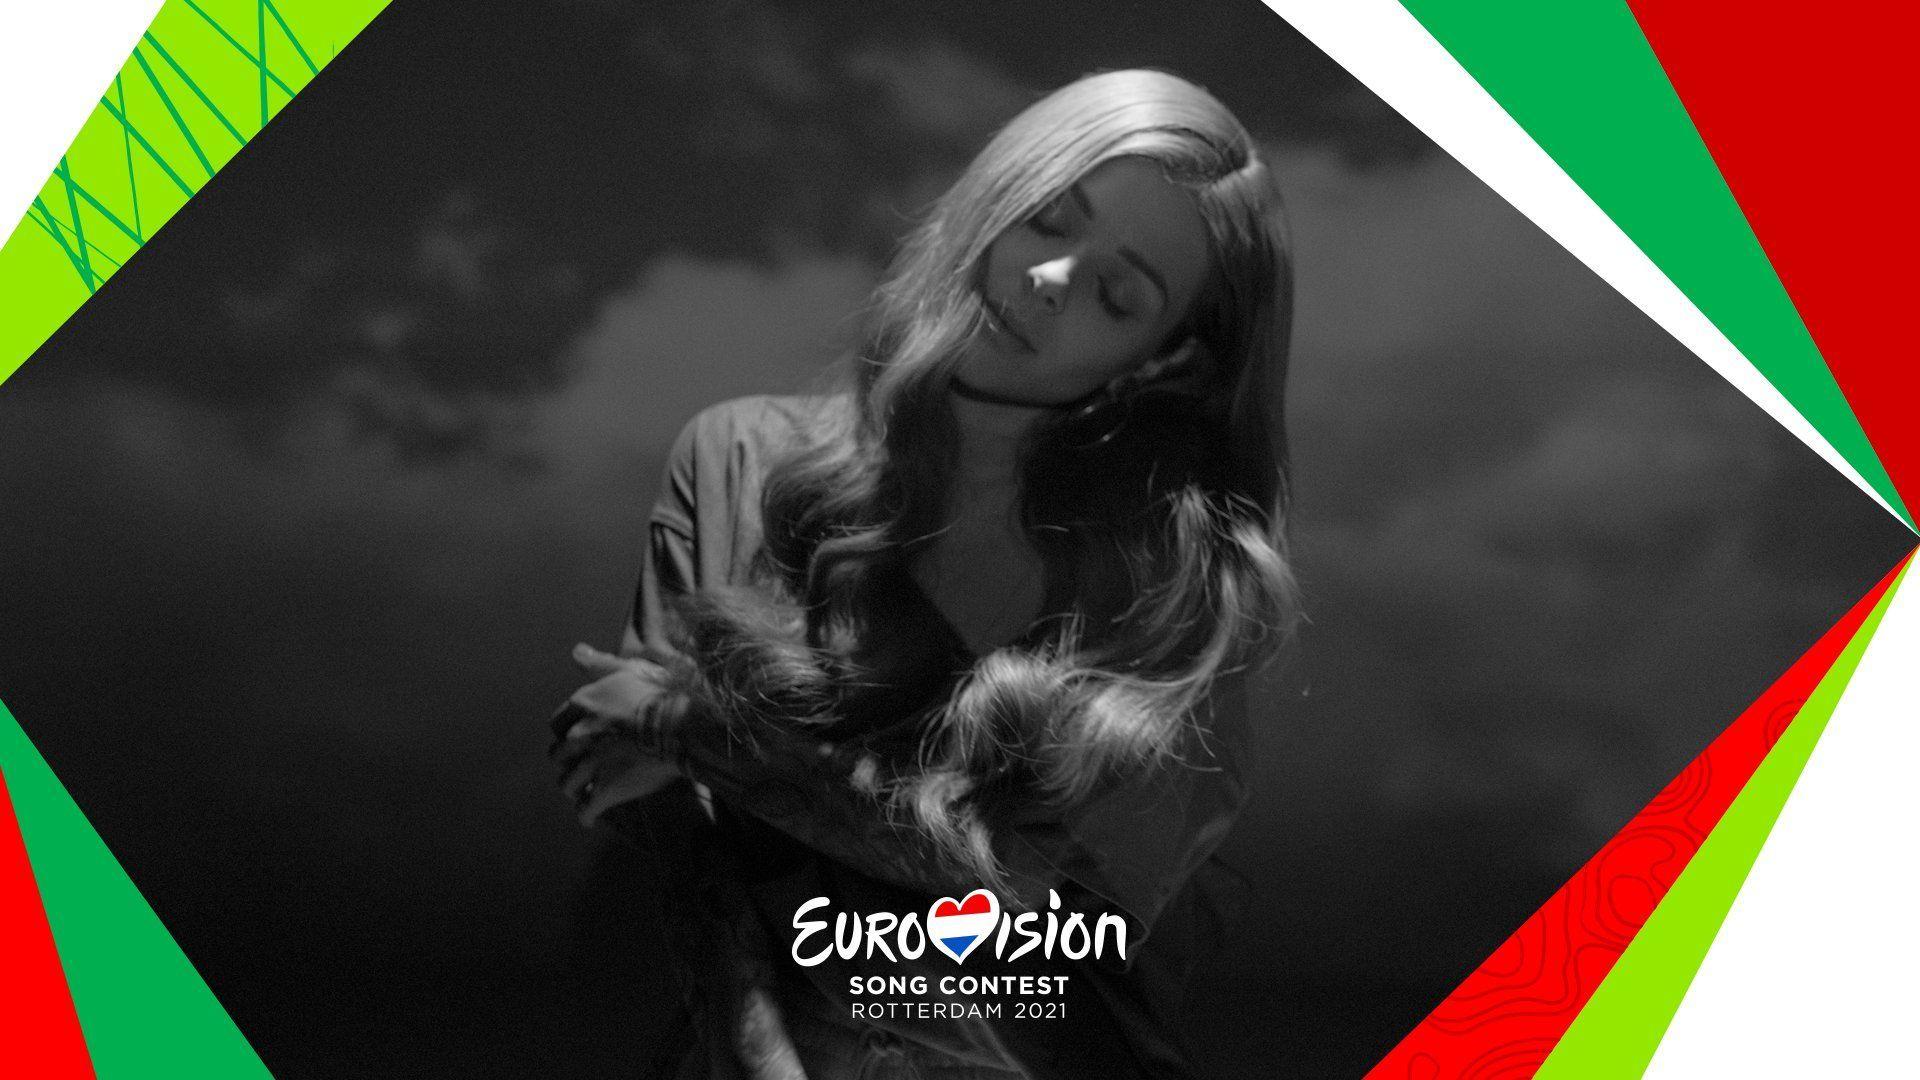 Министерството на туризма подкрепя проекта Евровизия в България през 2021 година